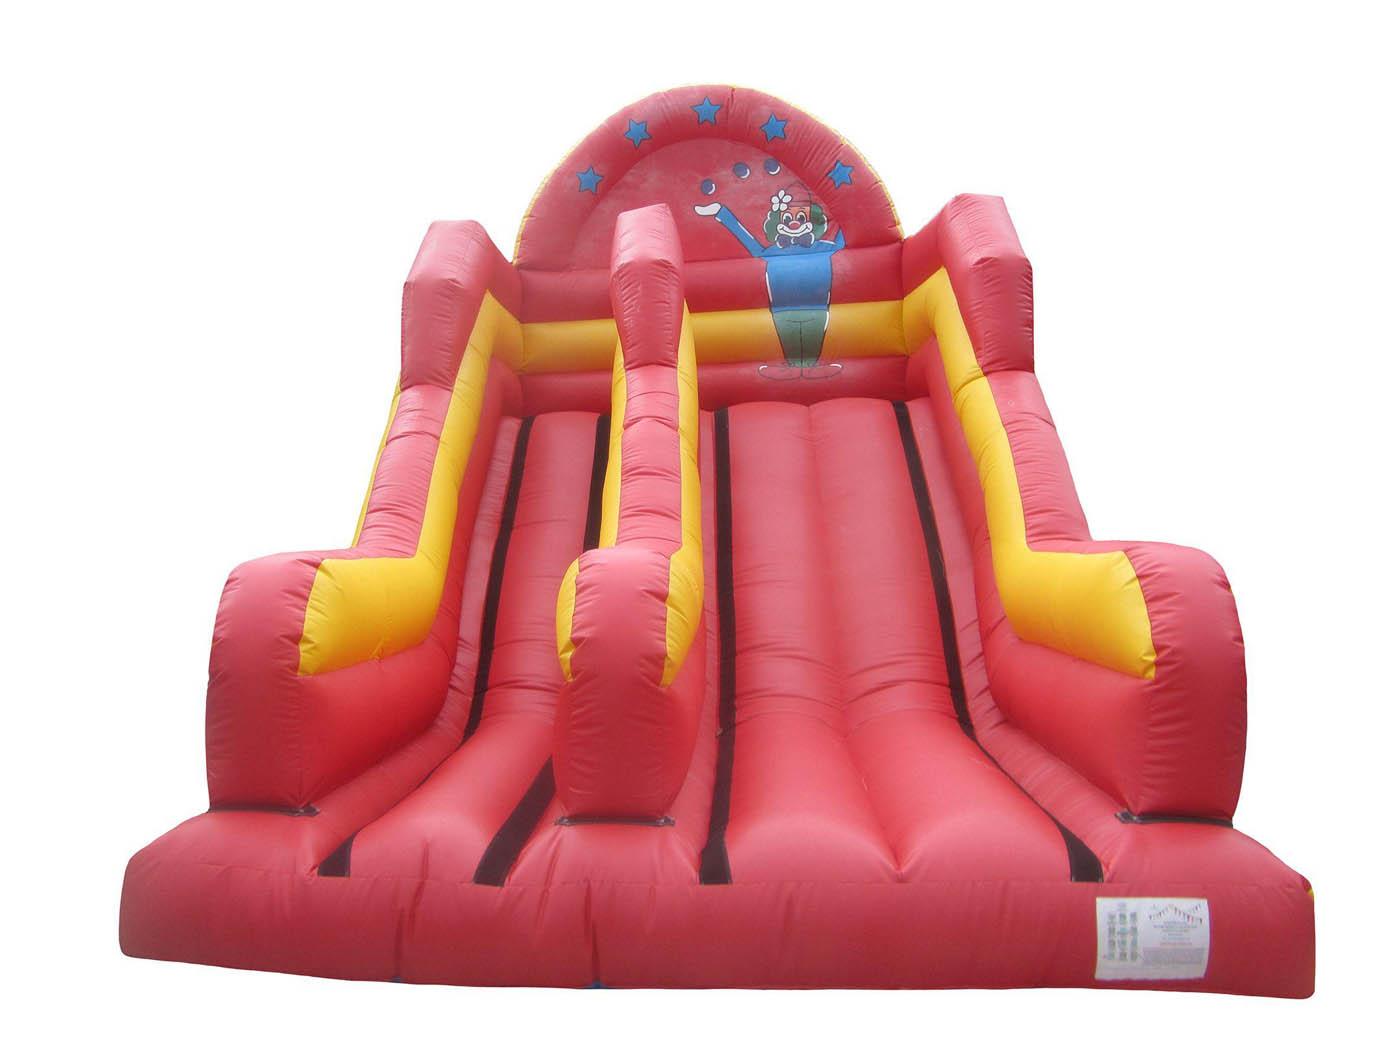 Clown Themed Inflatable Mega Slide